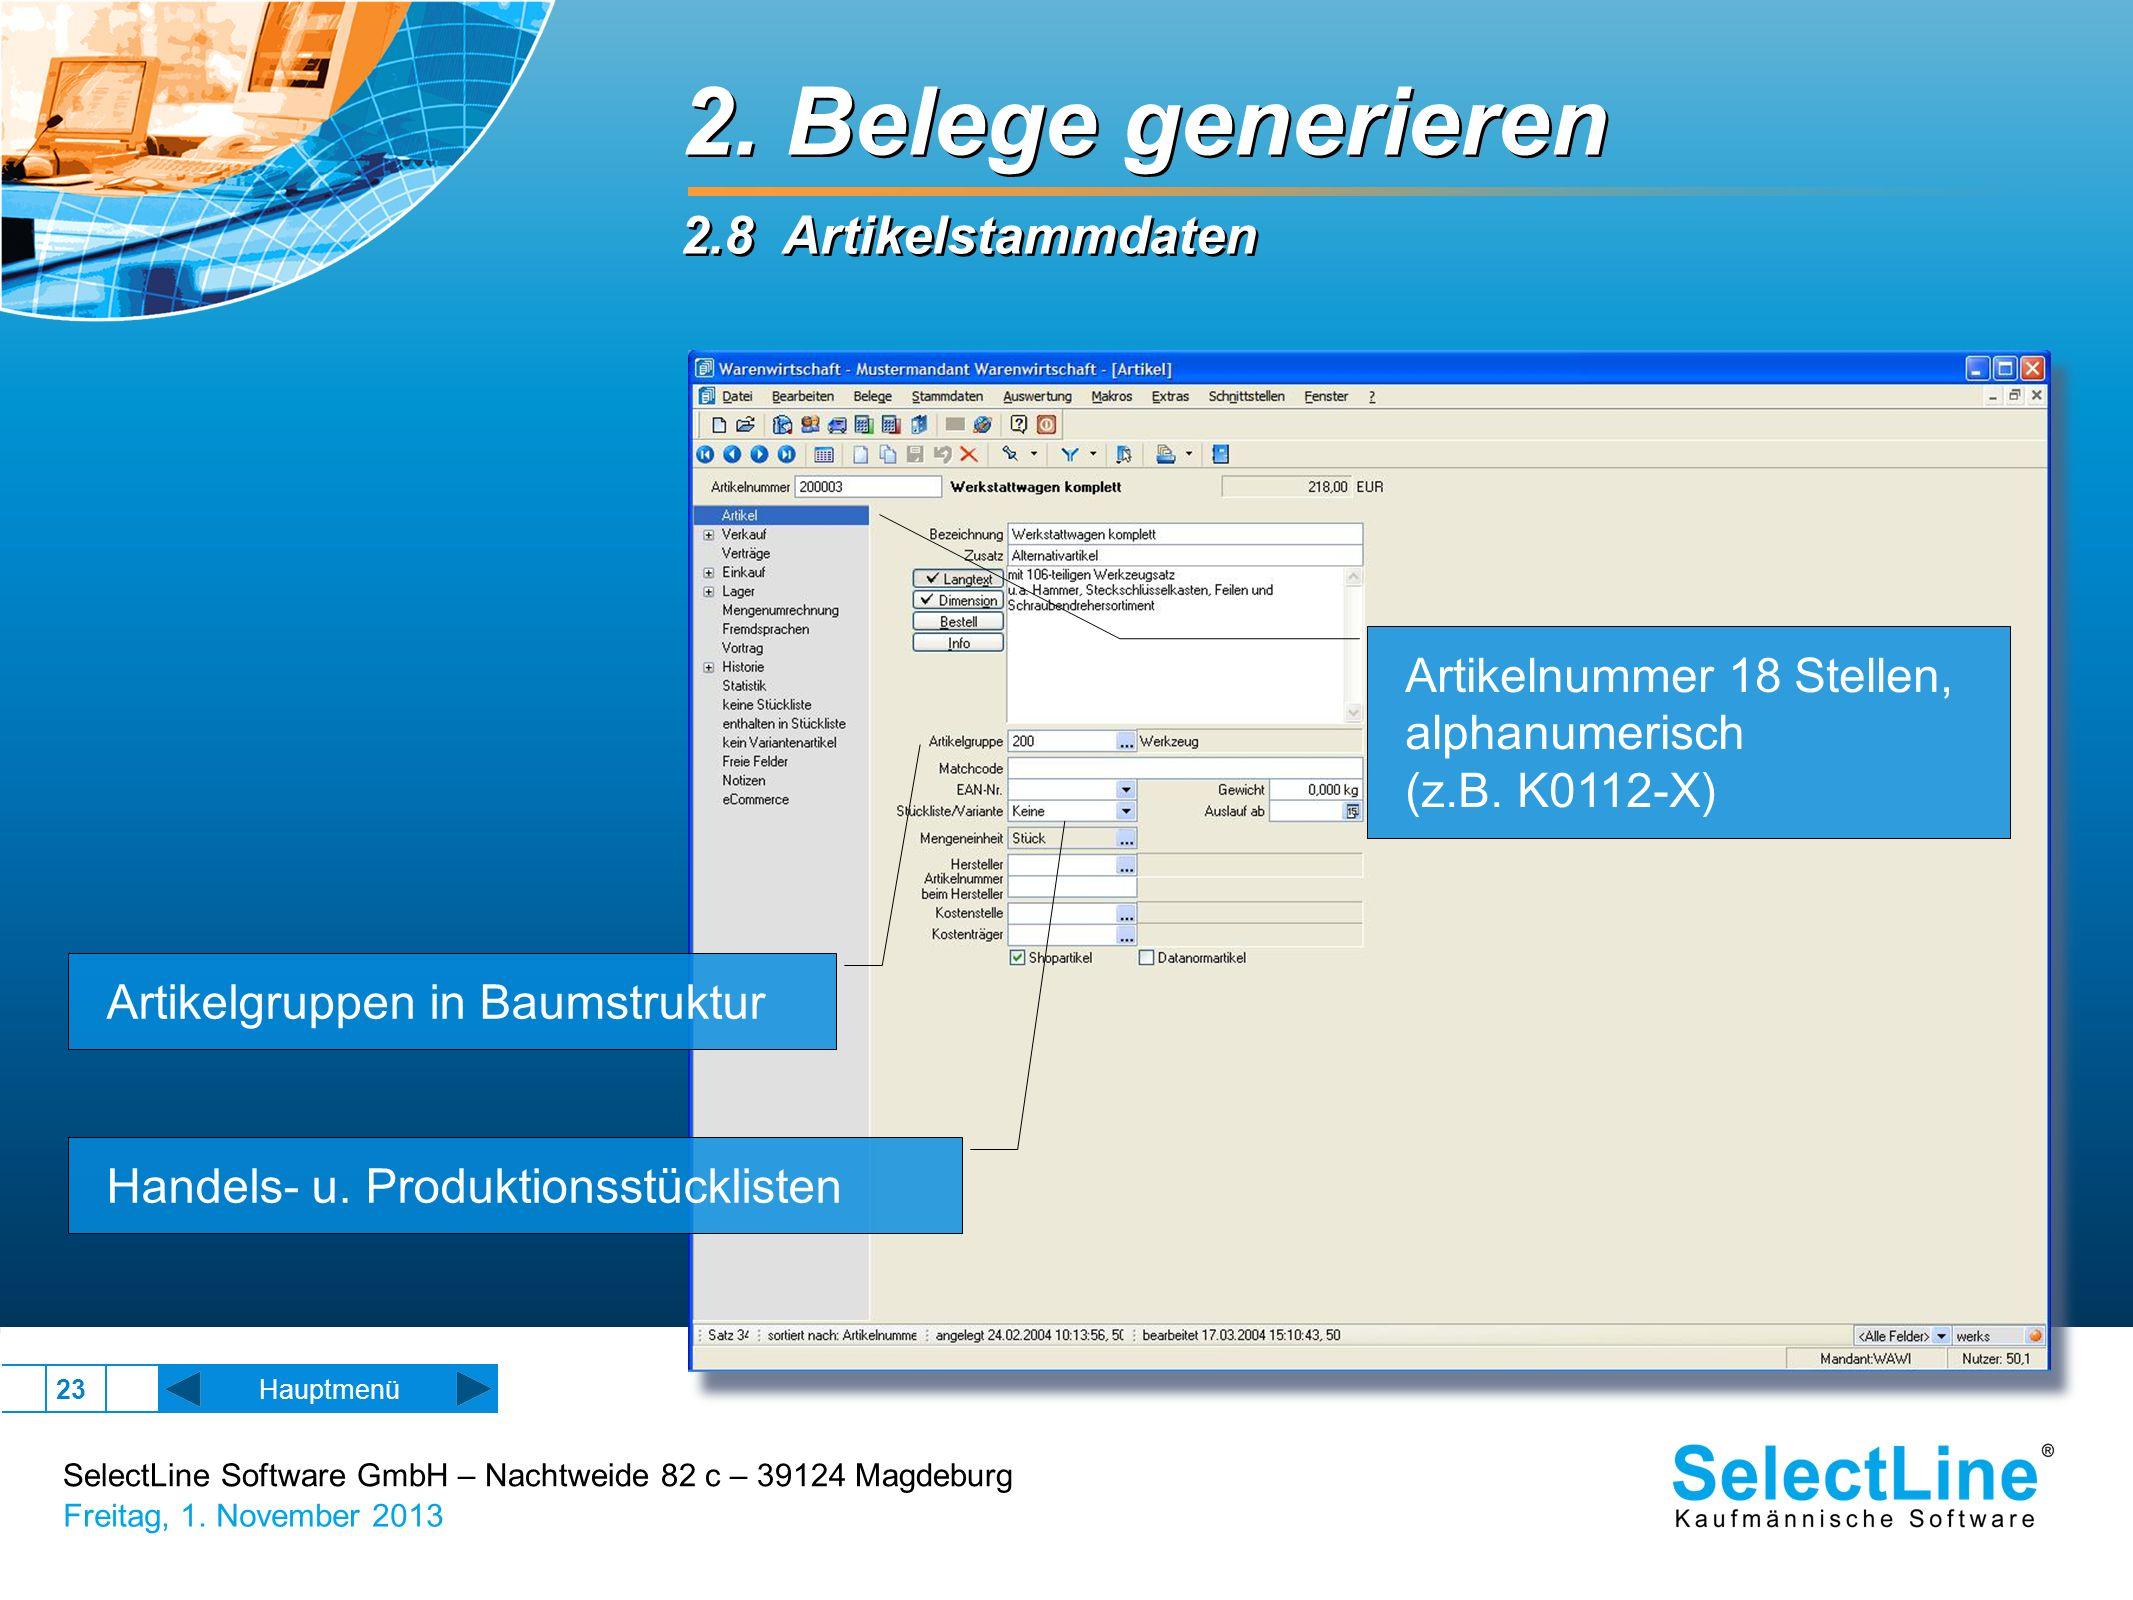 SelectLine Software GmbH – Nachtweide 82 c – 39124 Magdeburg Freitag, 1. November 2013 23 2. Belege generieren 2.8 Artikelstammdaten 2. Belege generie